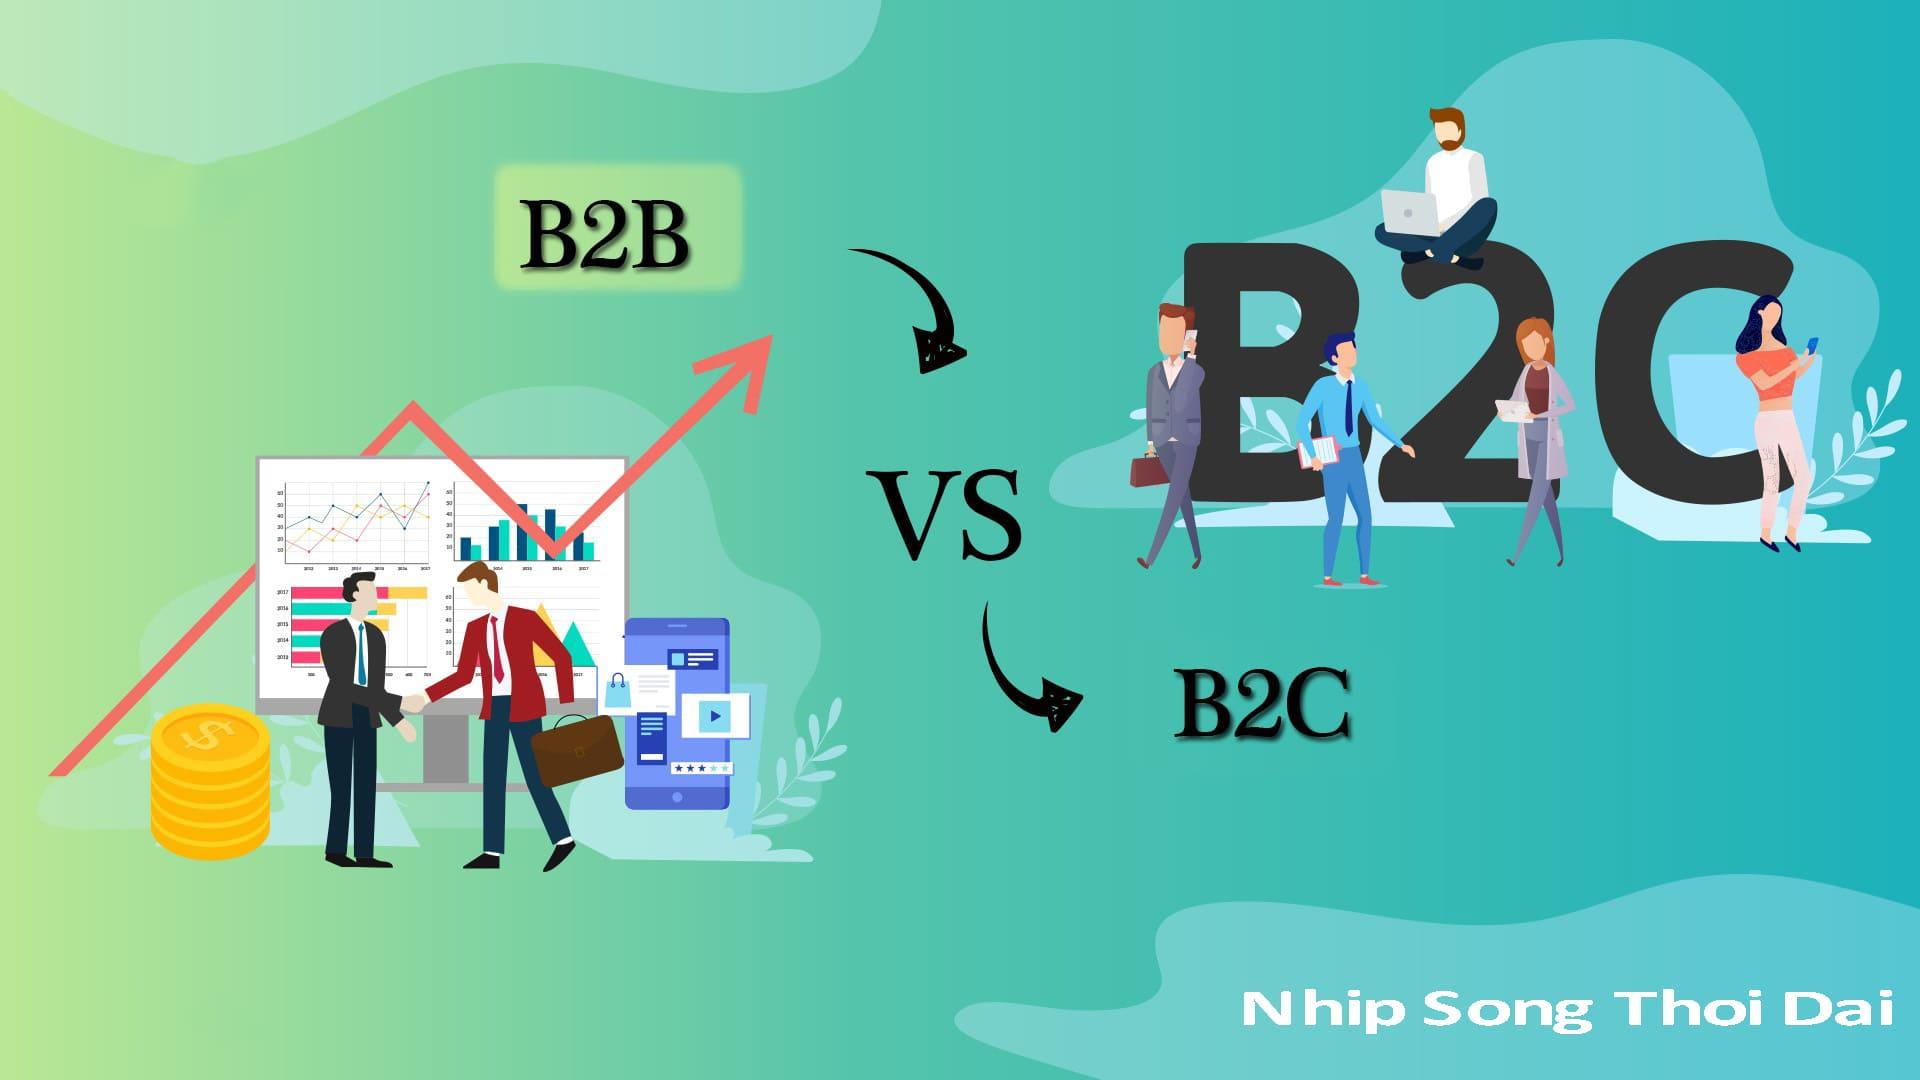 B2b với B2c là gì